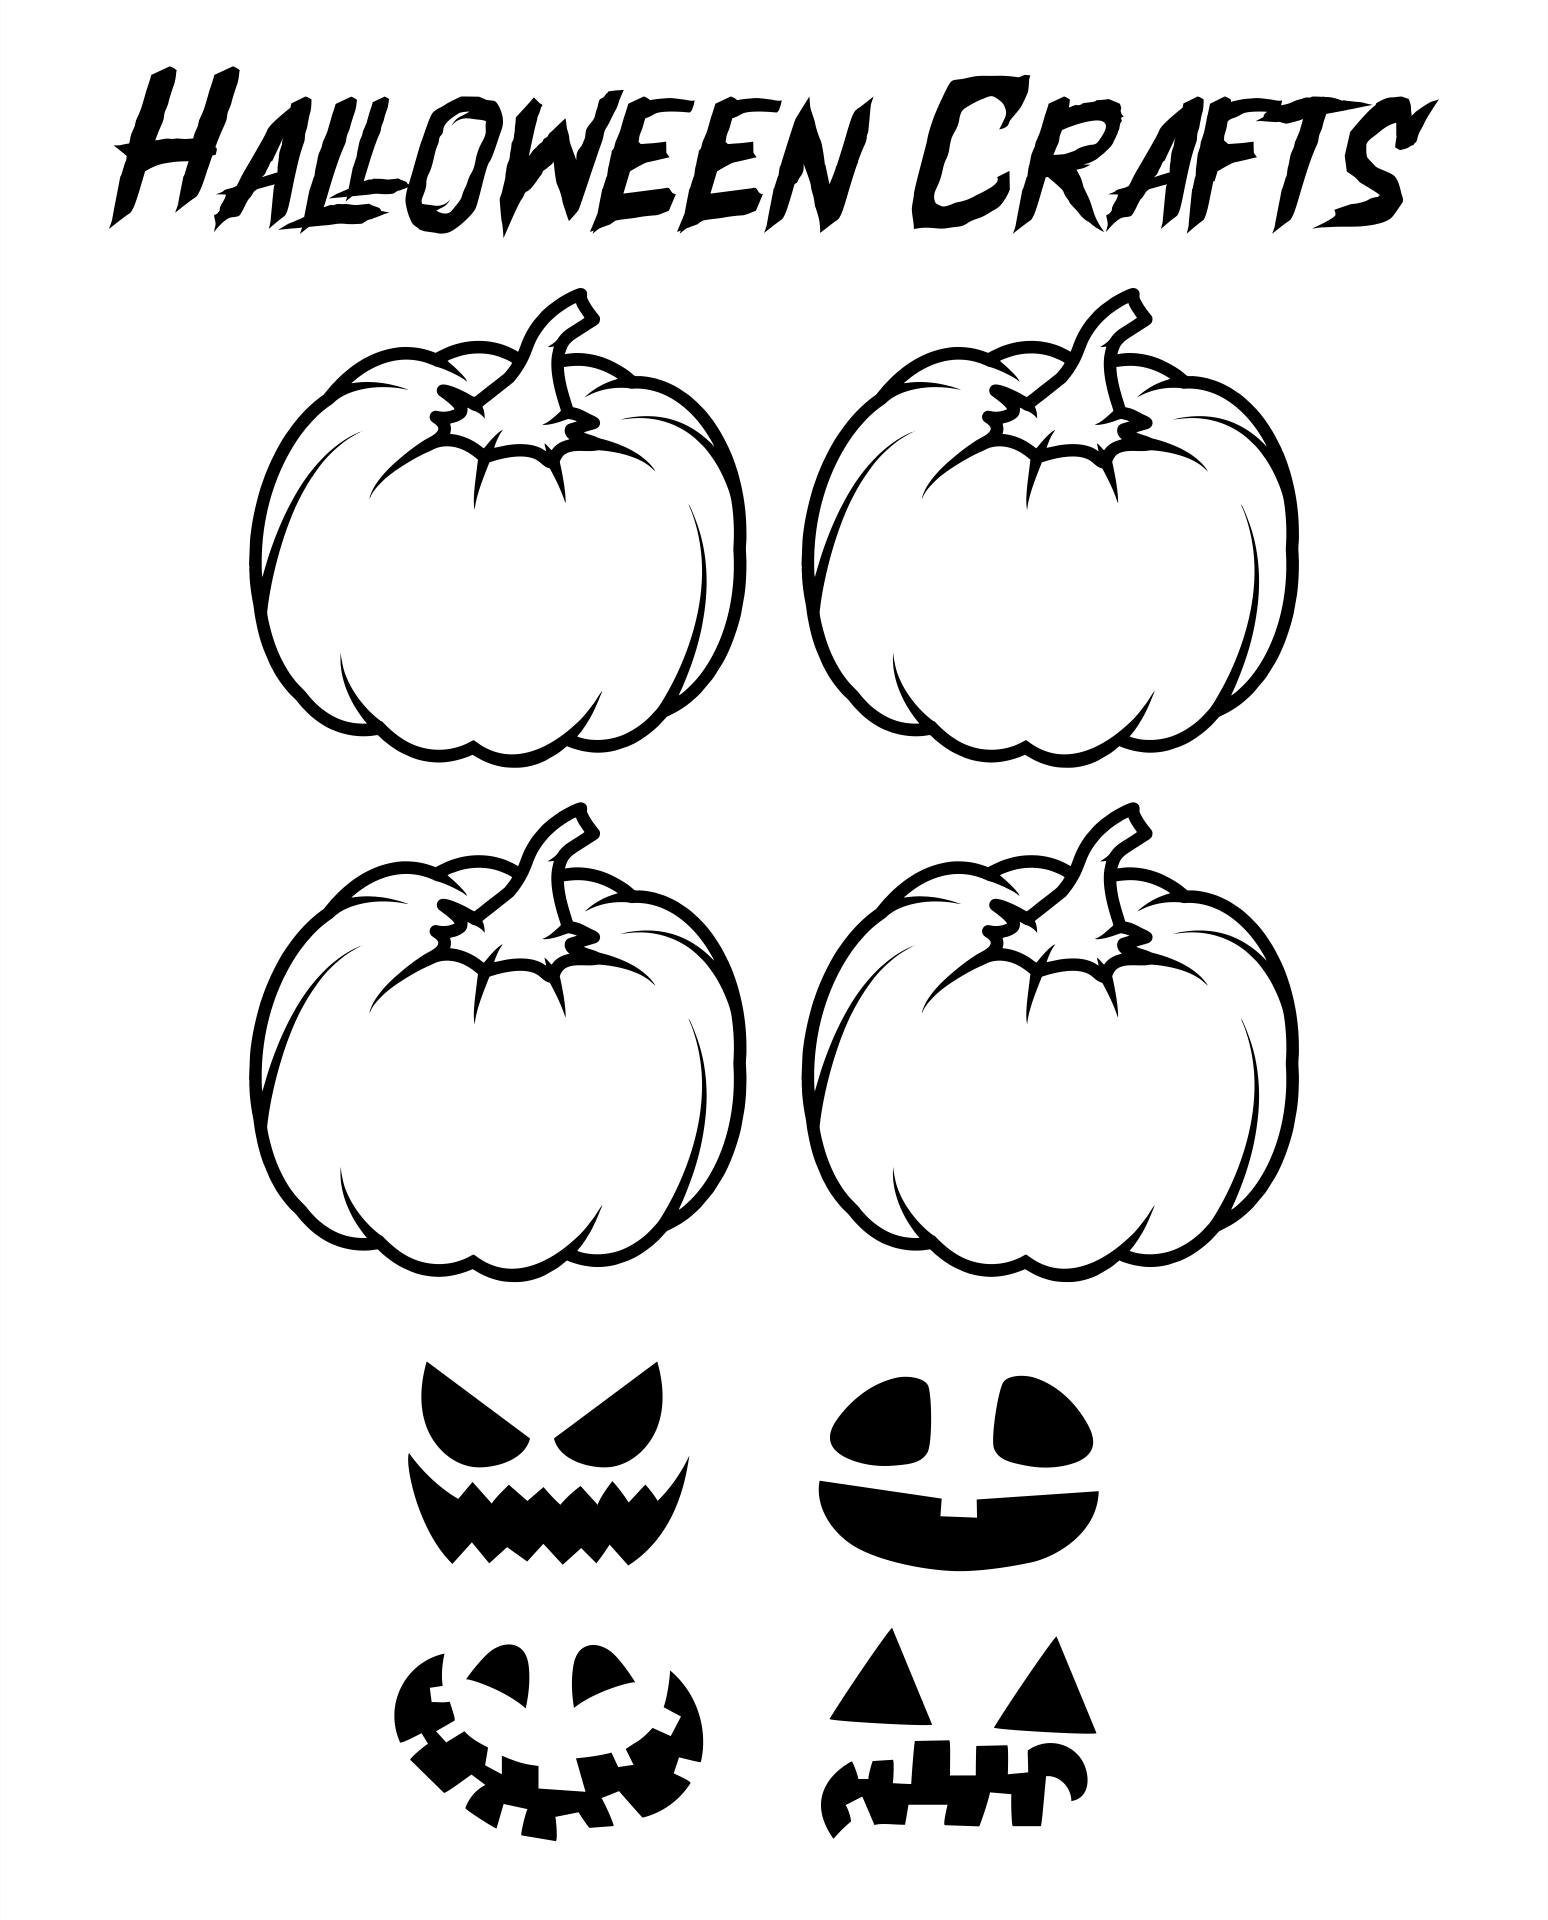 Preschool Halloween Craft Project